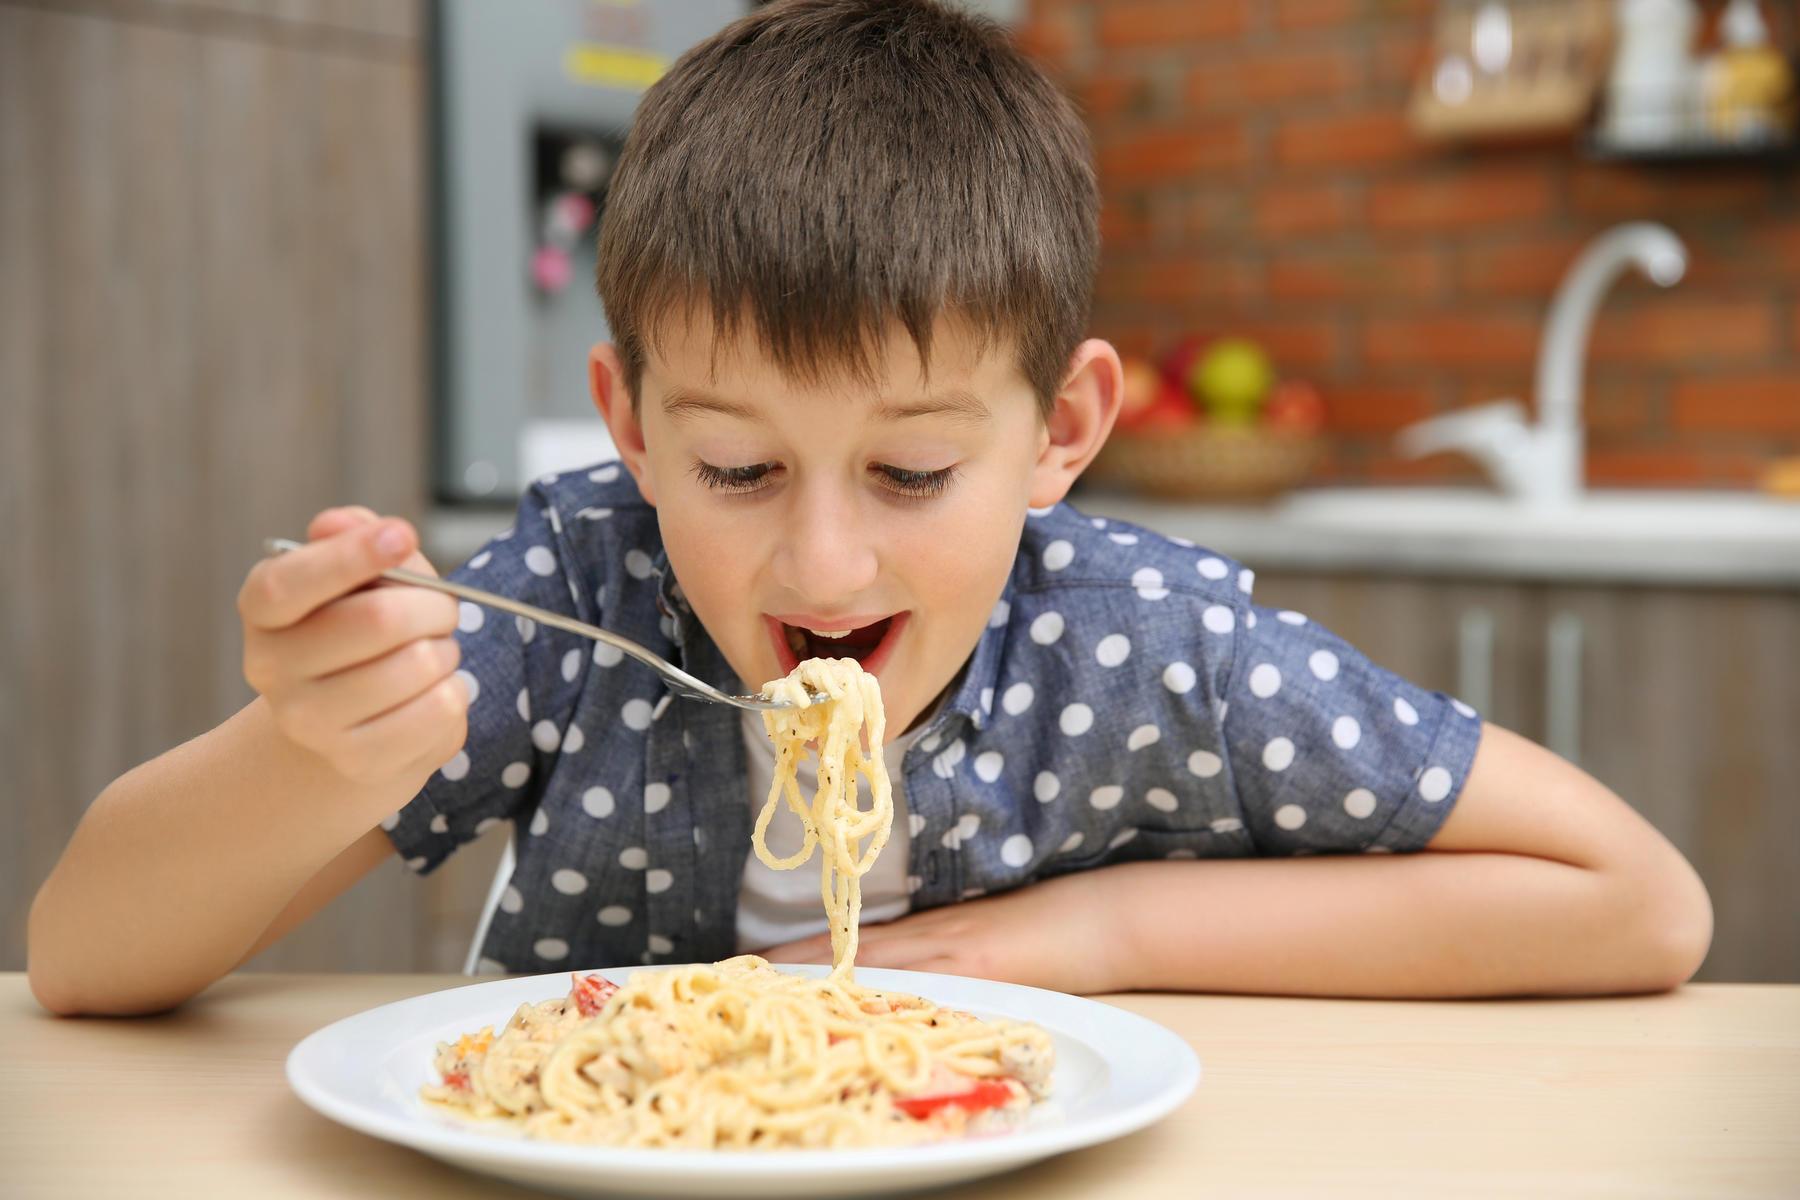 ВЭнгельсе родители кормили ребенка объедками измусорных баков